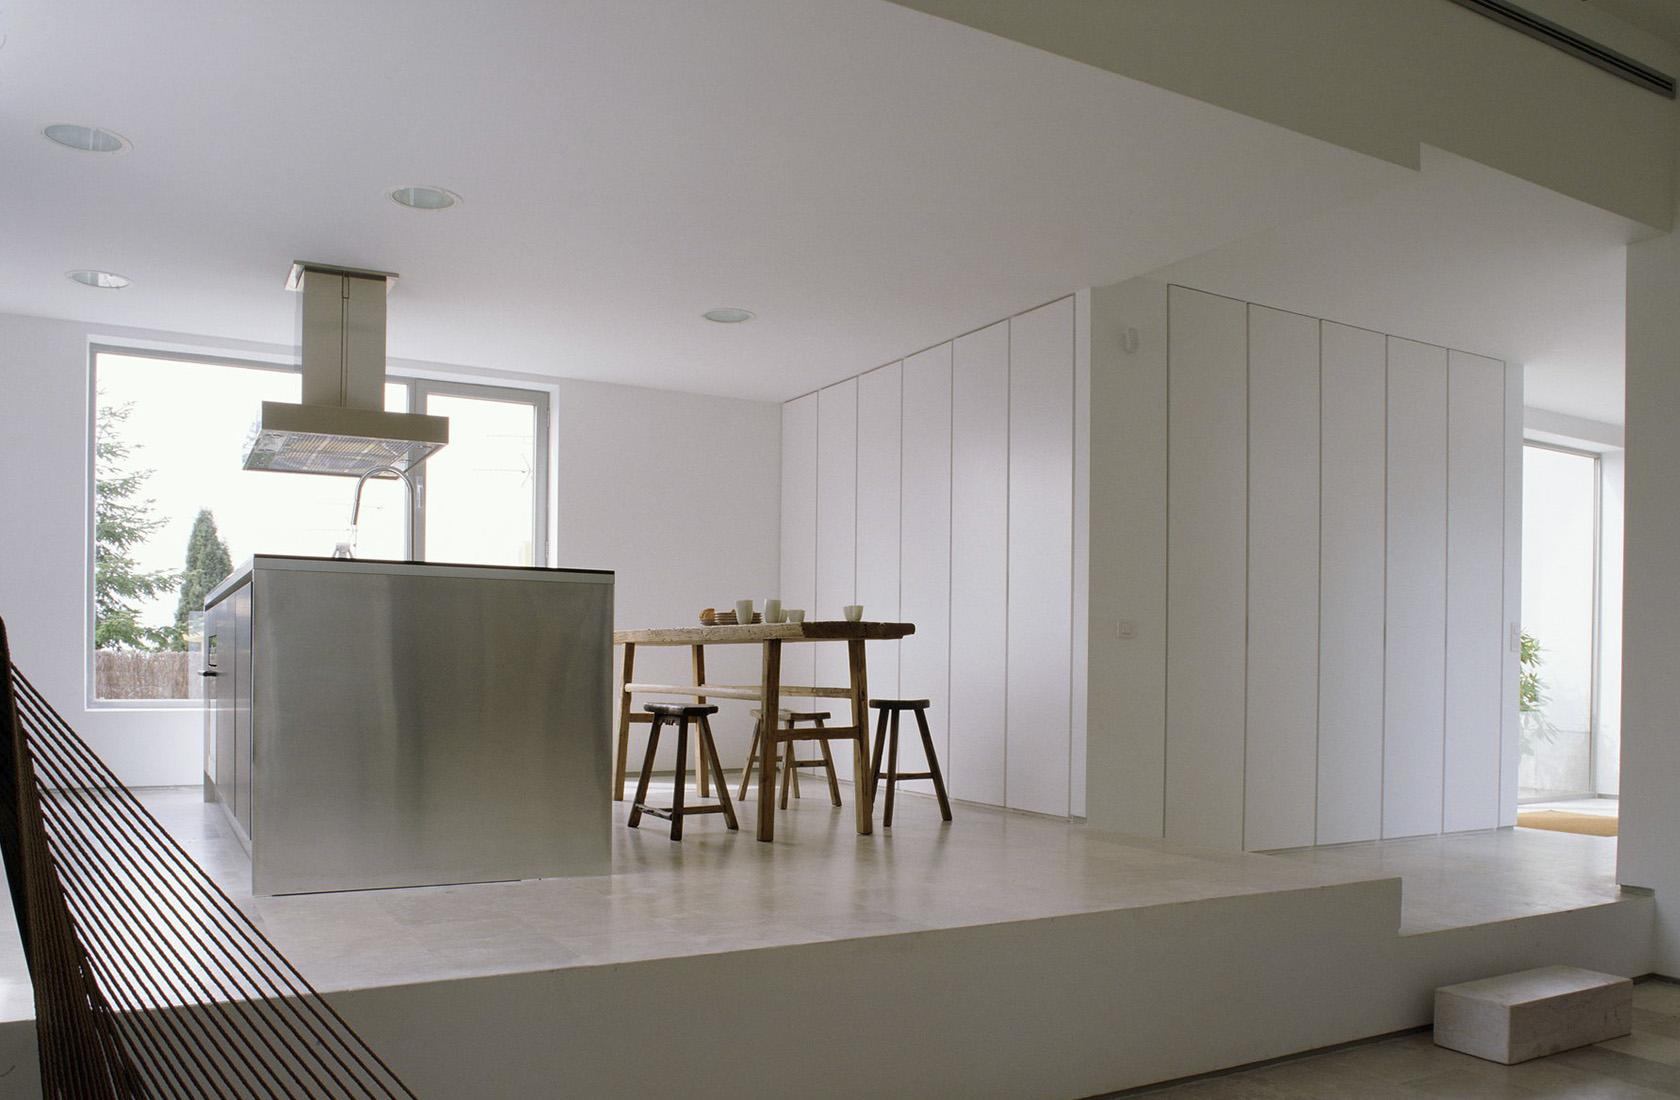 Casa pico cocina 01